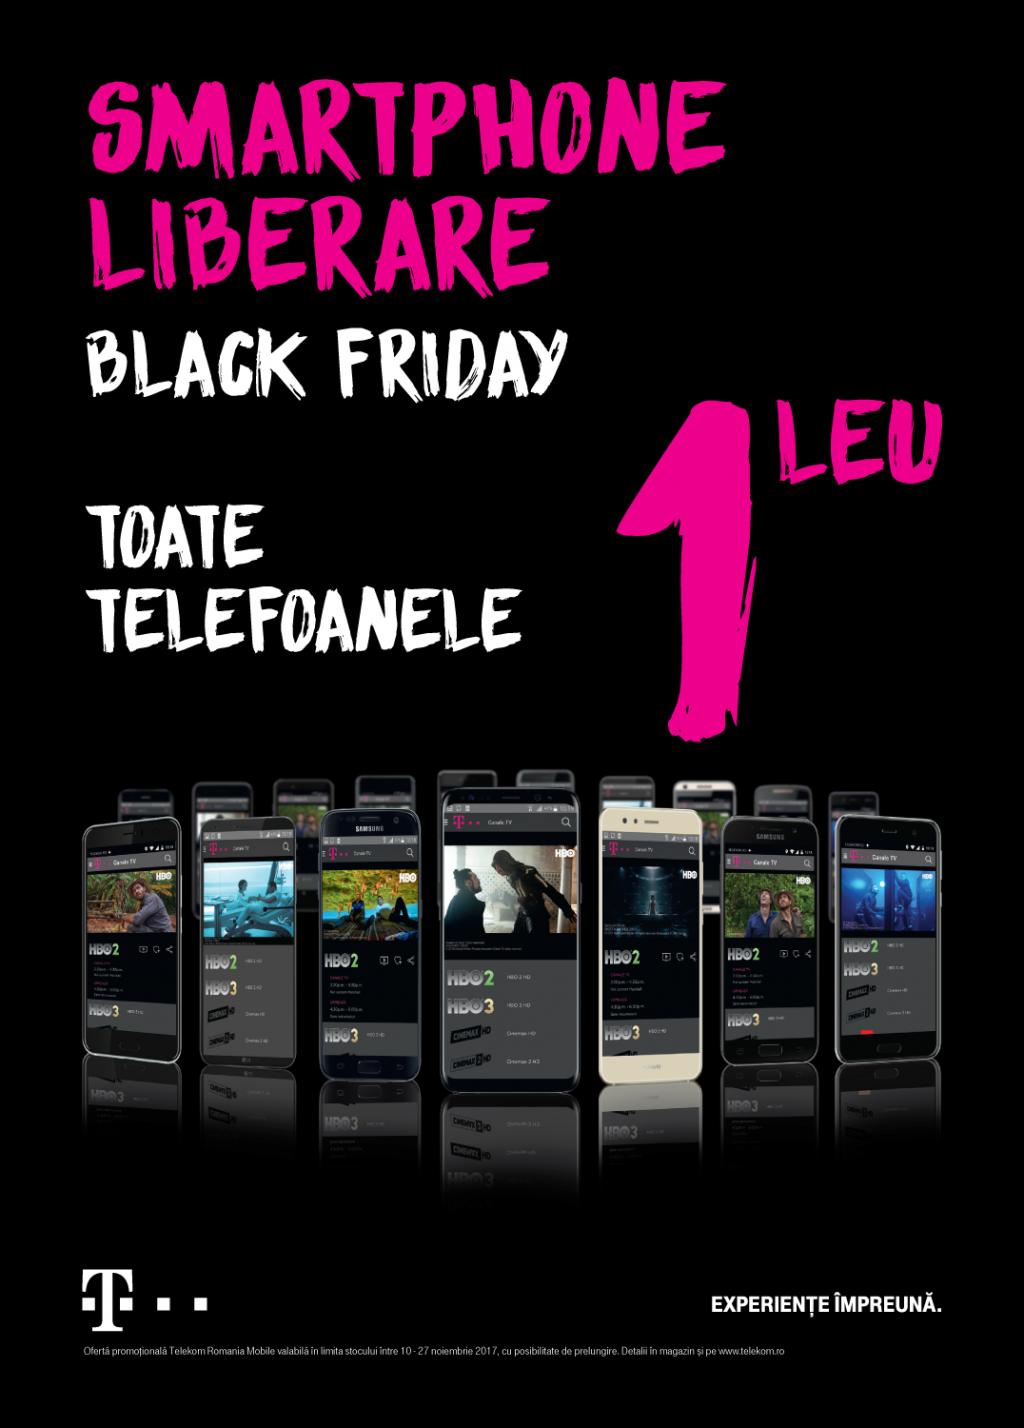 De Black Friday, toate telefoanele din oferta Telekom Romania, disponibile la 1 leu sub umbrela #smartphoneliberare